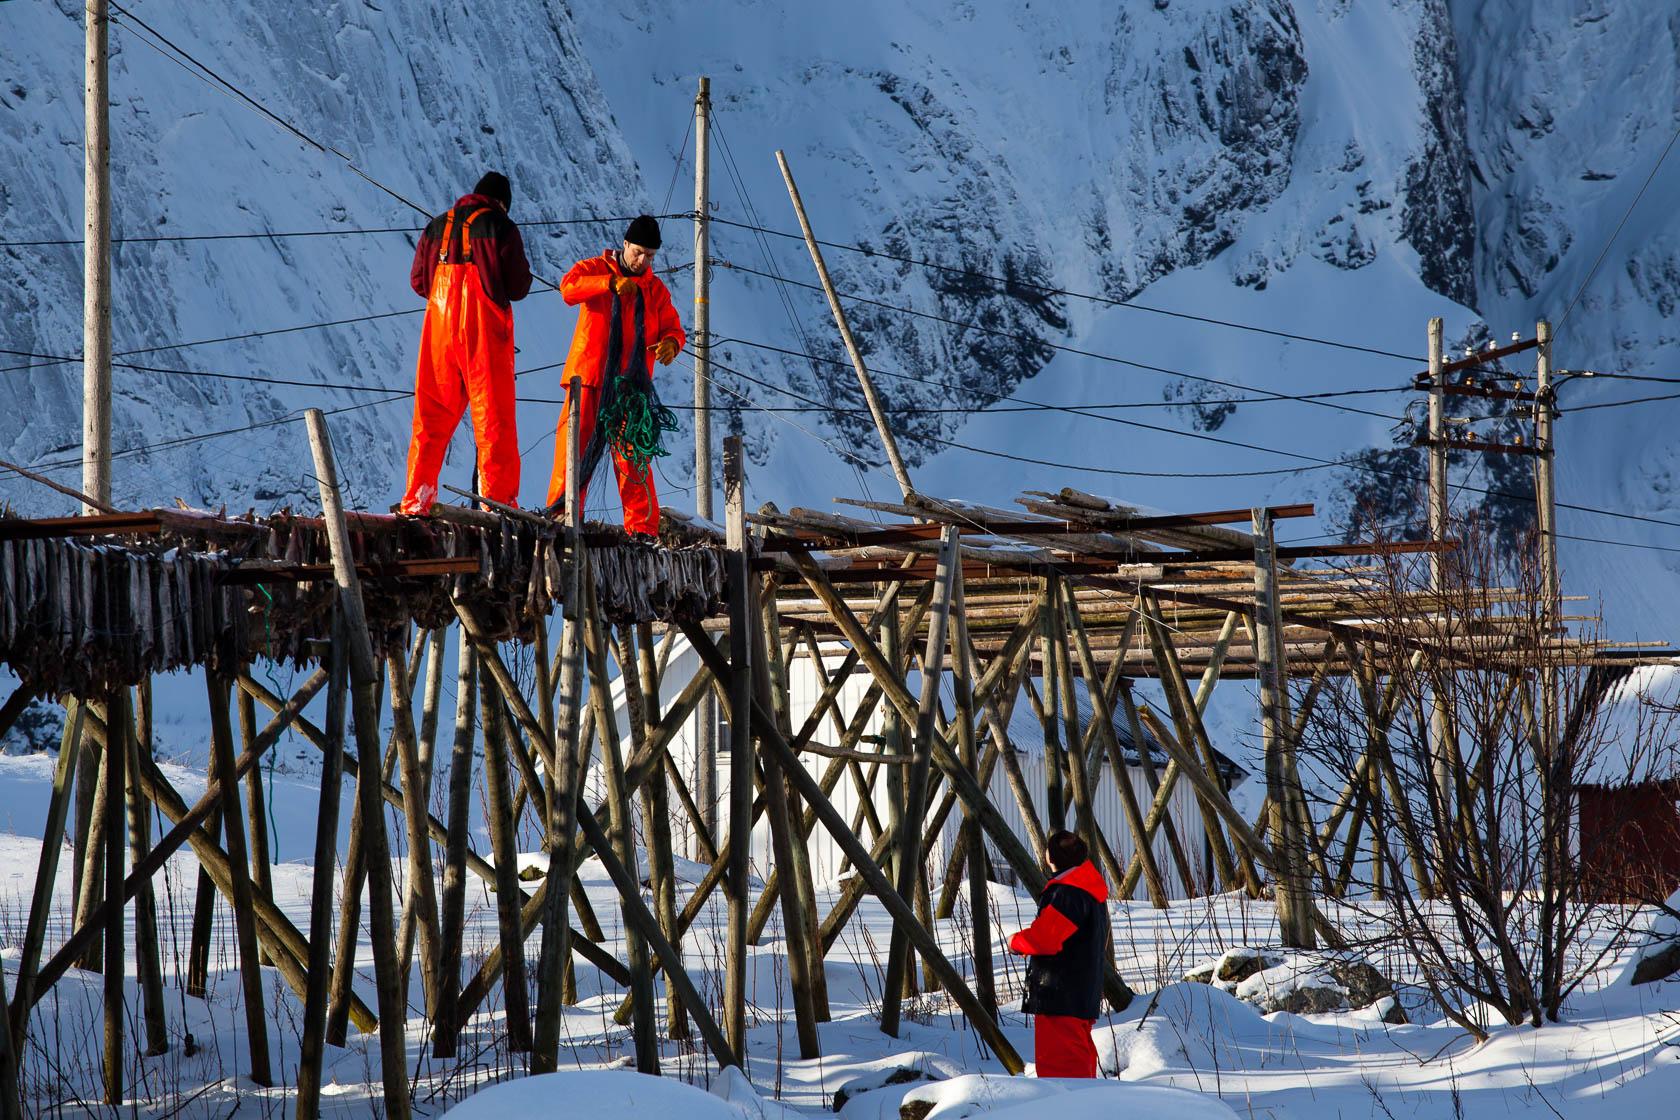 Pêcheurs de morue sur les séchoirs de Sakrisøya, dans les îles Lofoten en Norvège